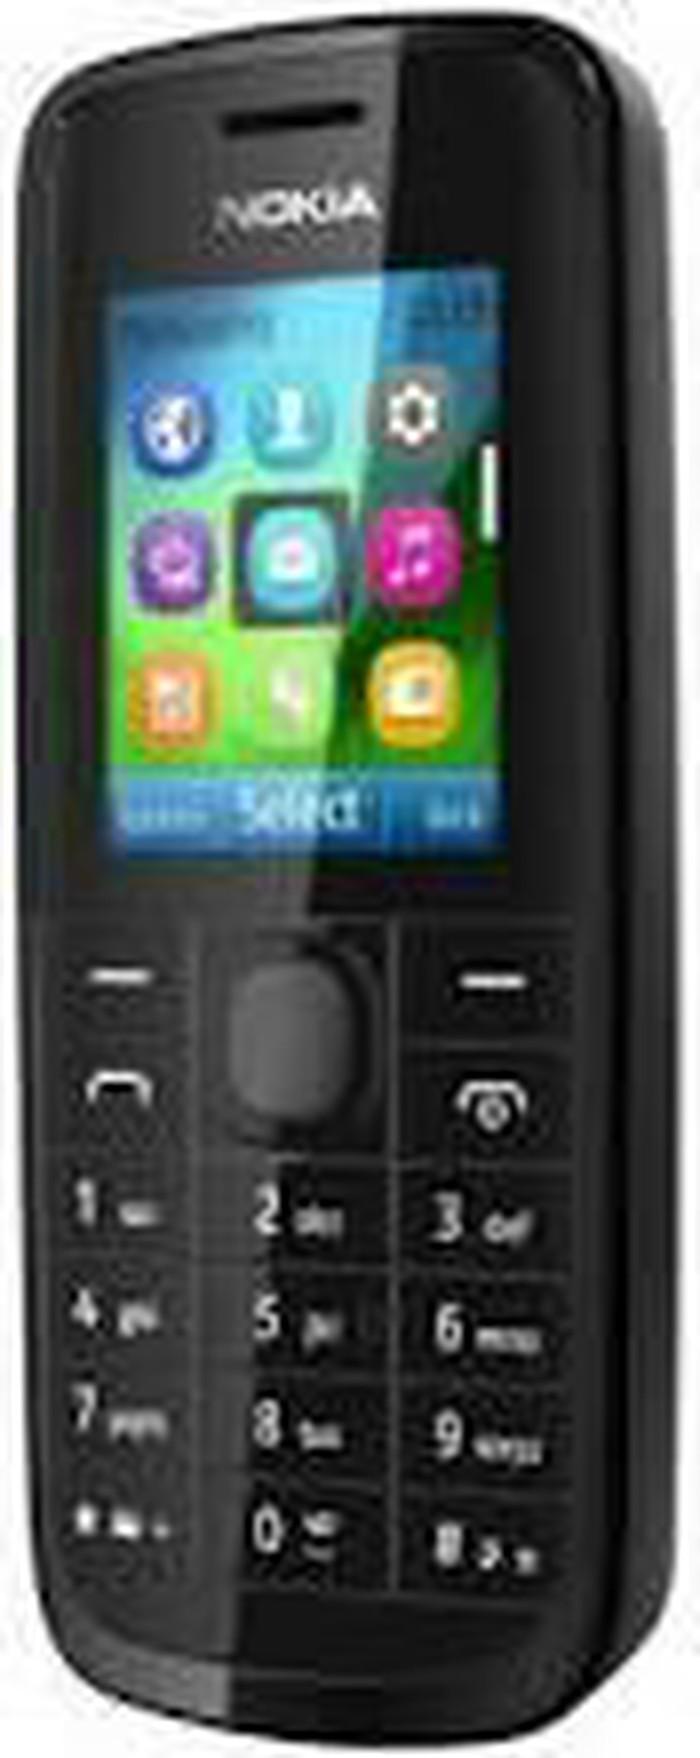 Όποιος έχει αυτό το κινητό να μου στείλει μήνυμα. Photo 0